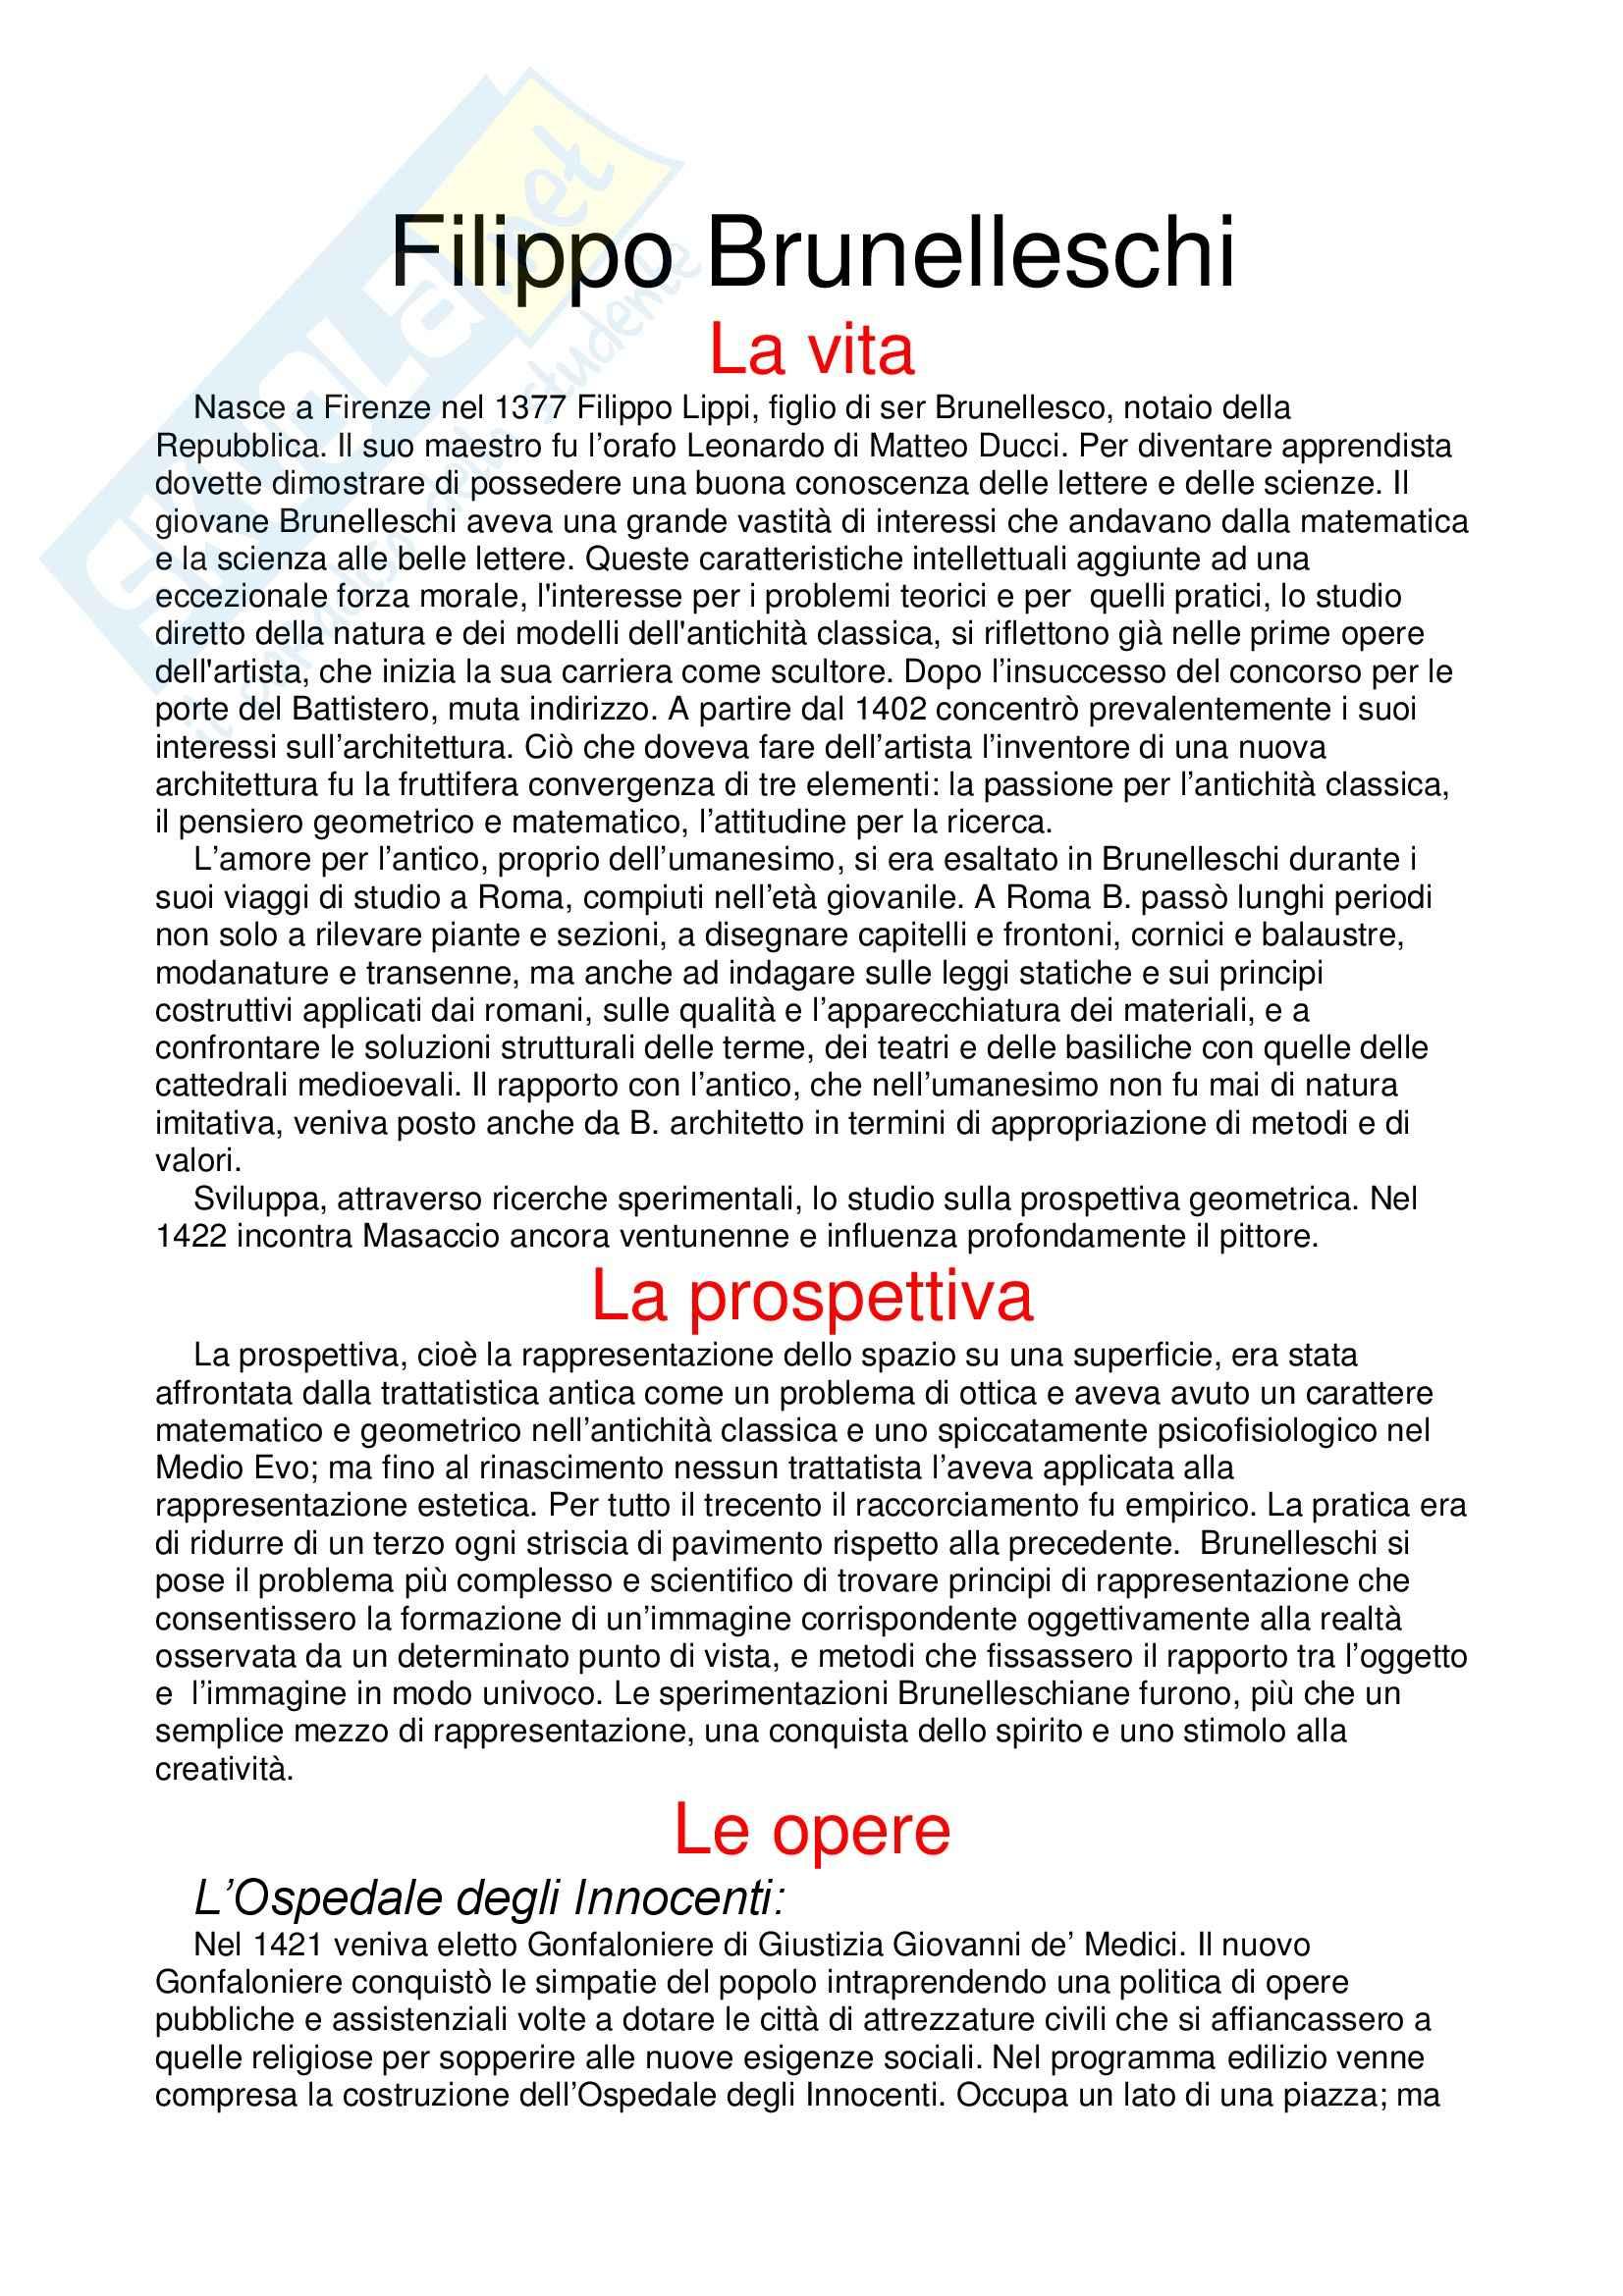 Storia dell'architettura moderna - la cupola del Brunelleschi - Appunti